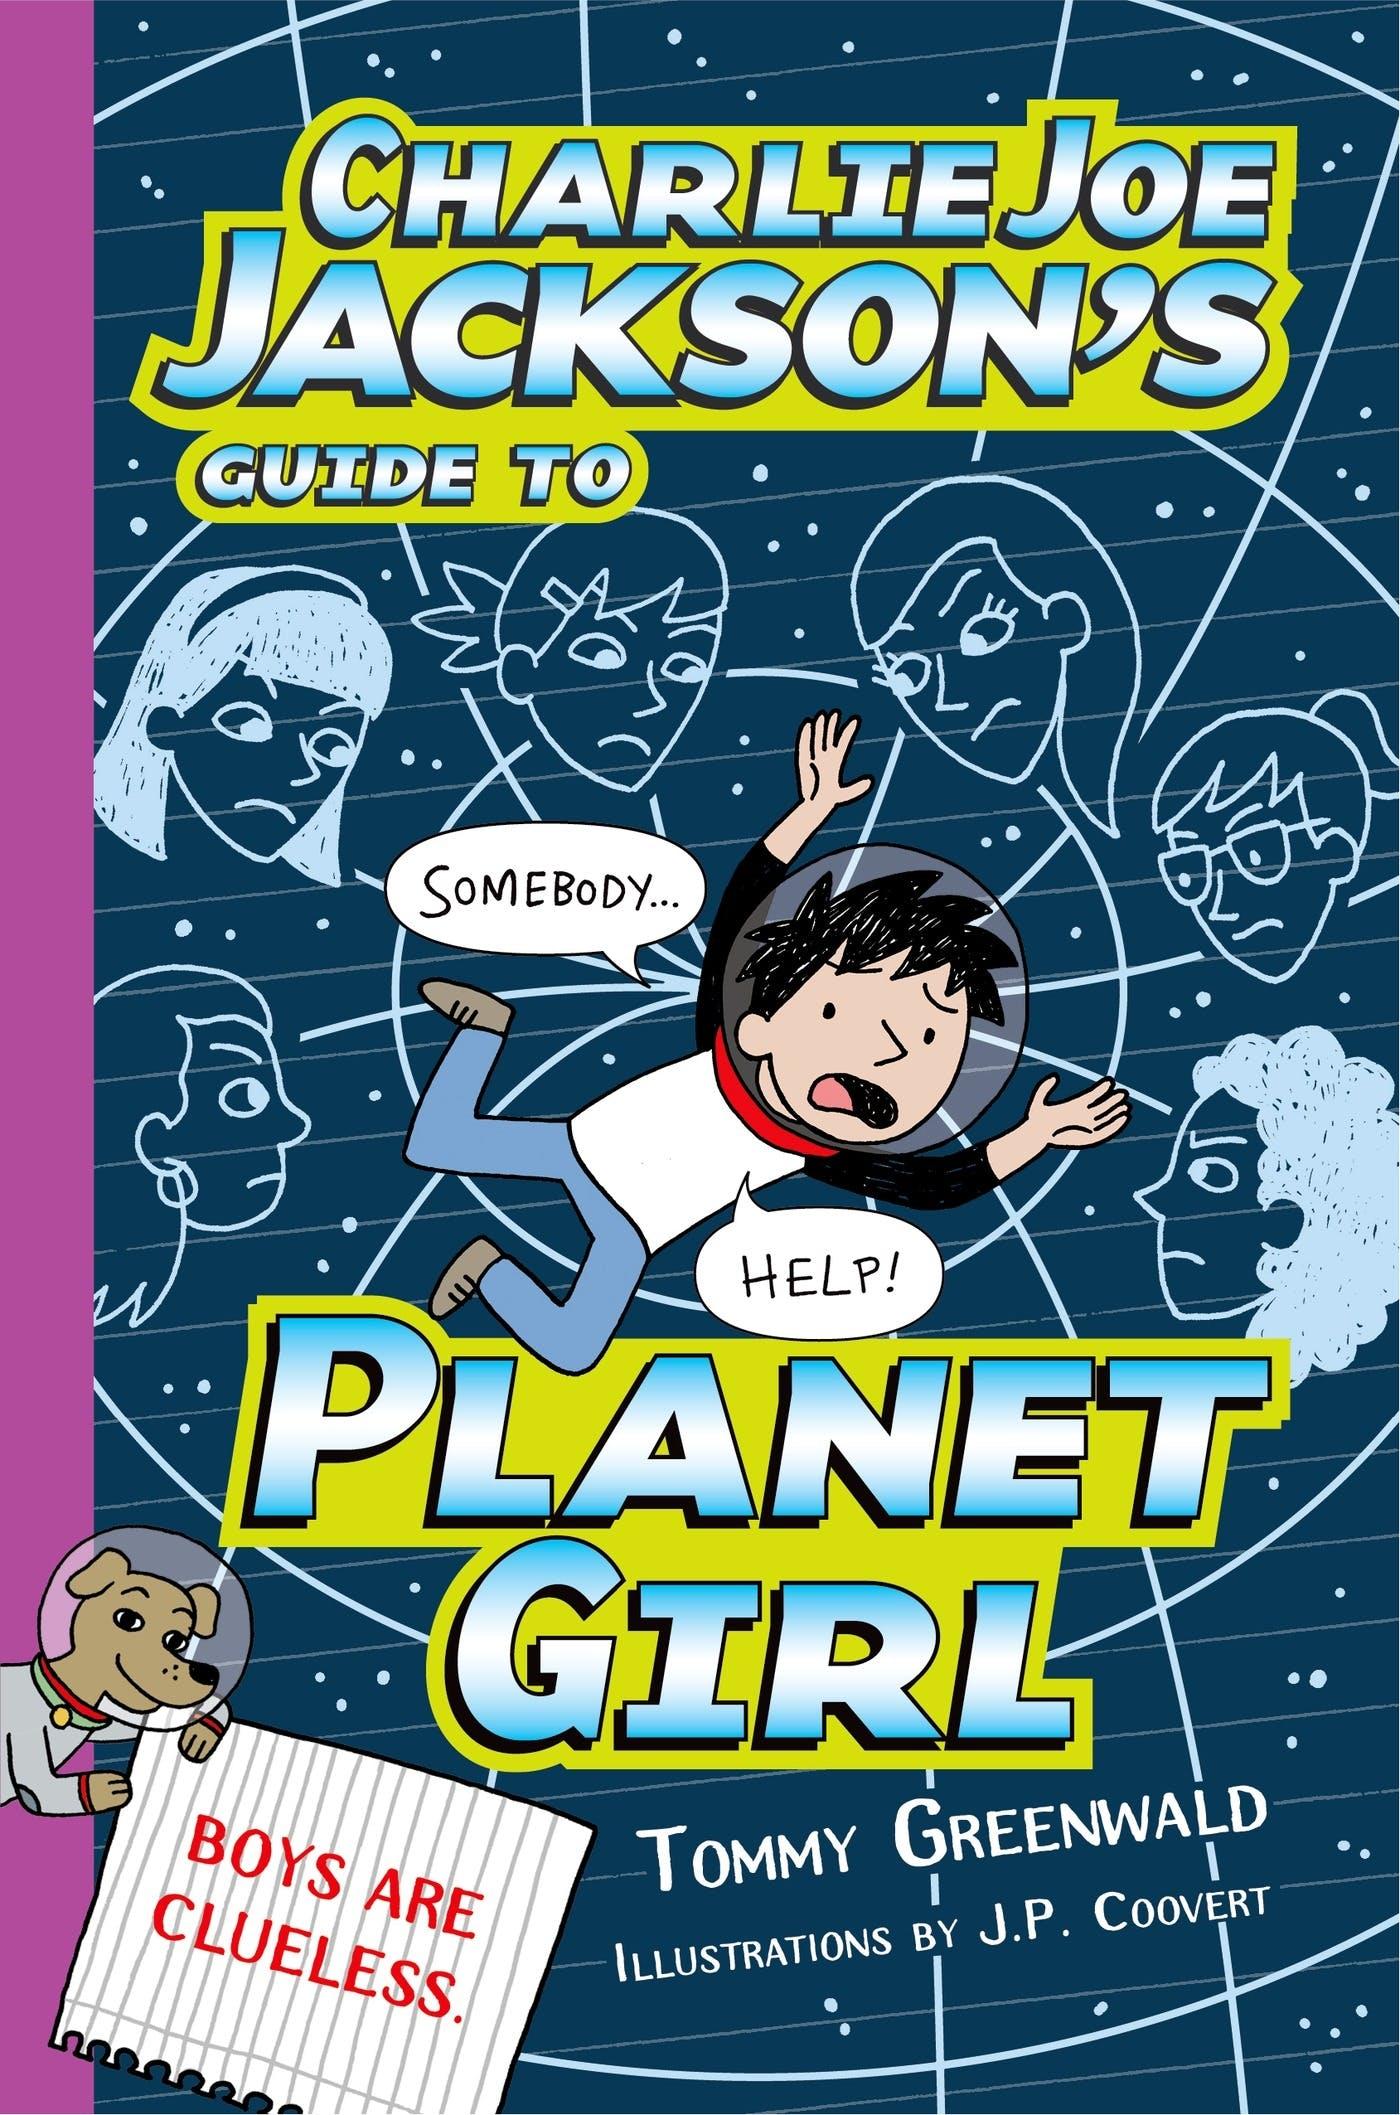 Image of Charlie Joe Jackson's Guide to Planet Girl